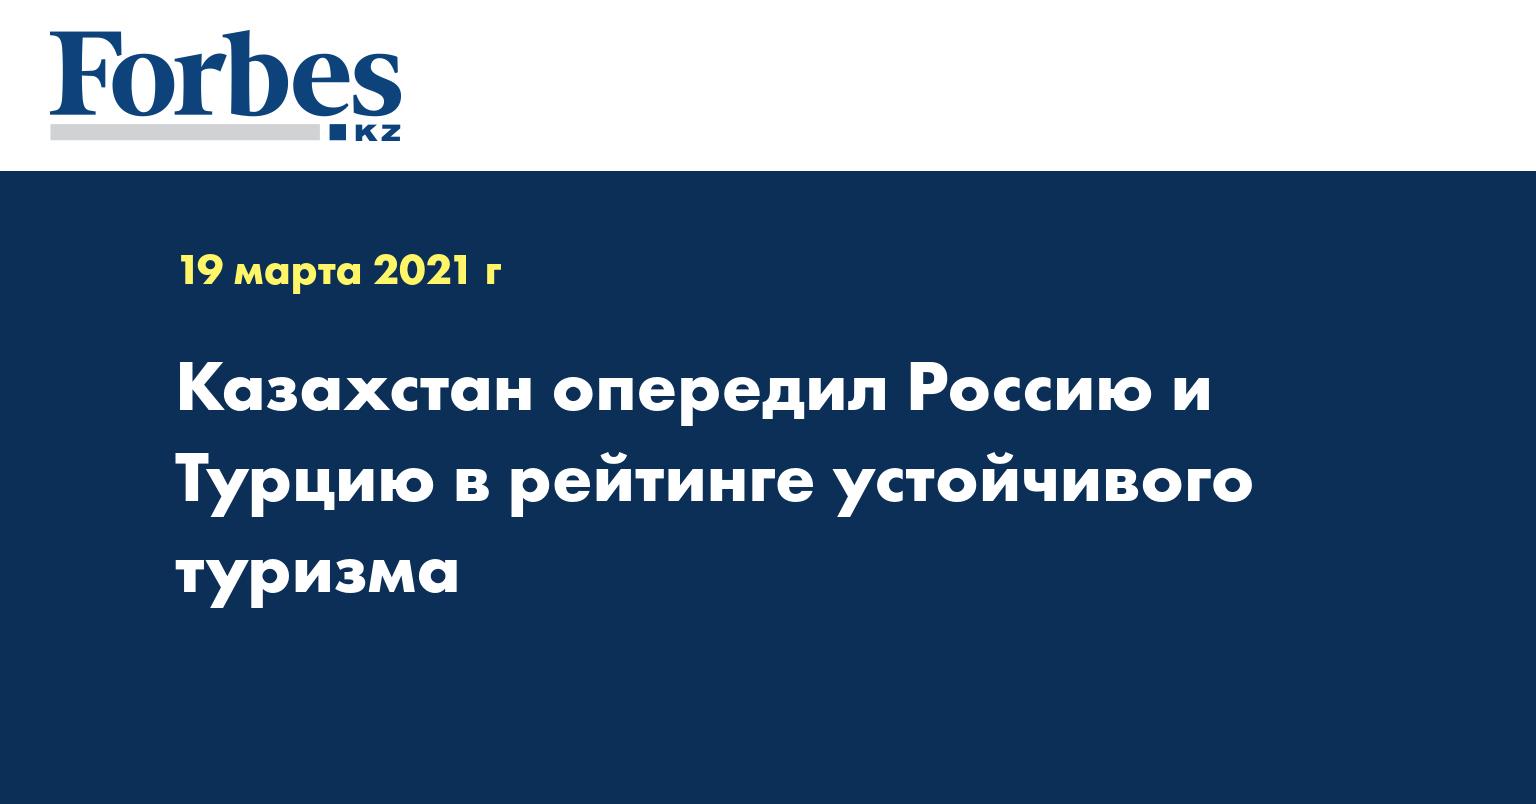 Казахстан опередил Россию и Турцию в рейтинге устойчивого туризма